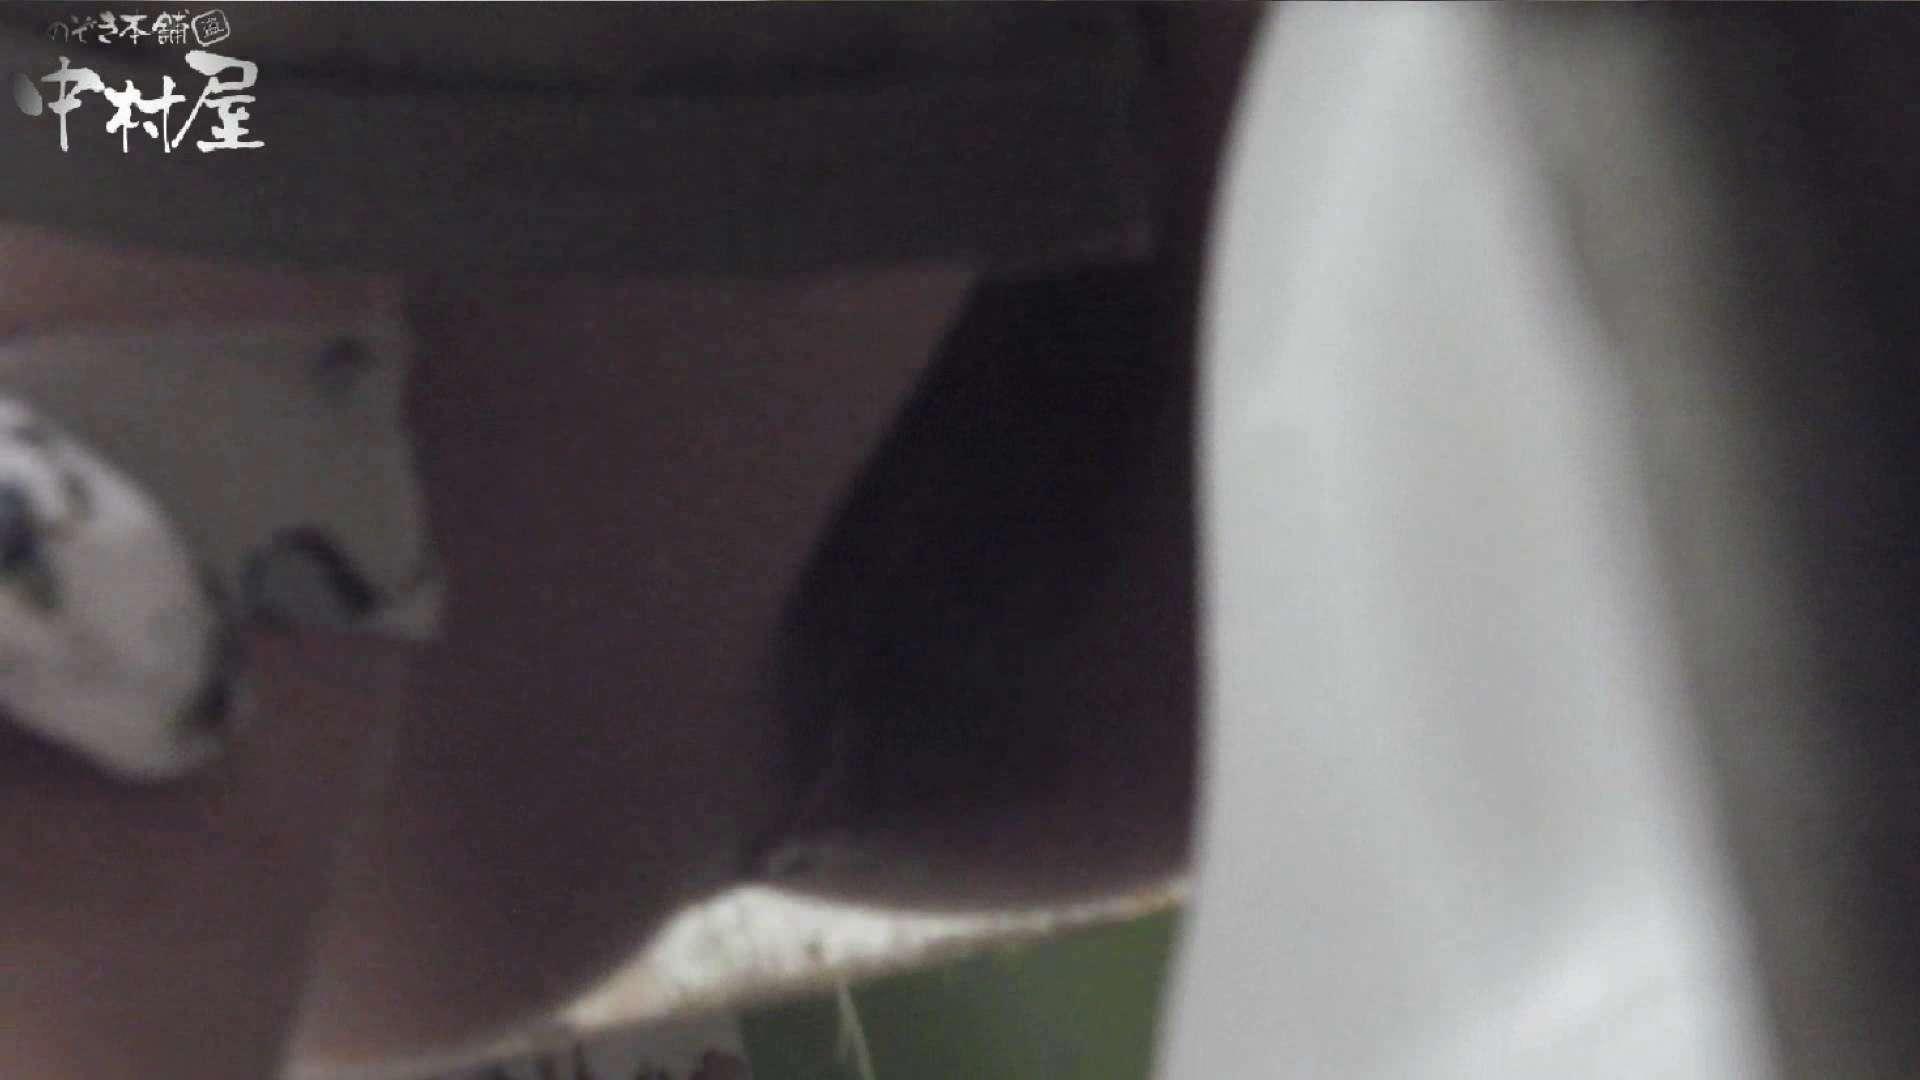 vol.01 命がけ潜伏洗面所! スニーカーブリブリ! いやらしいOL セックス画像 93連発 37